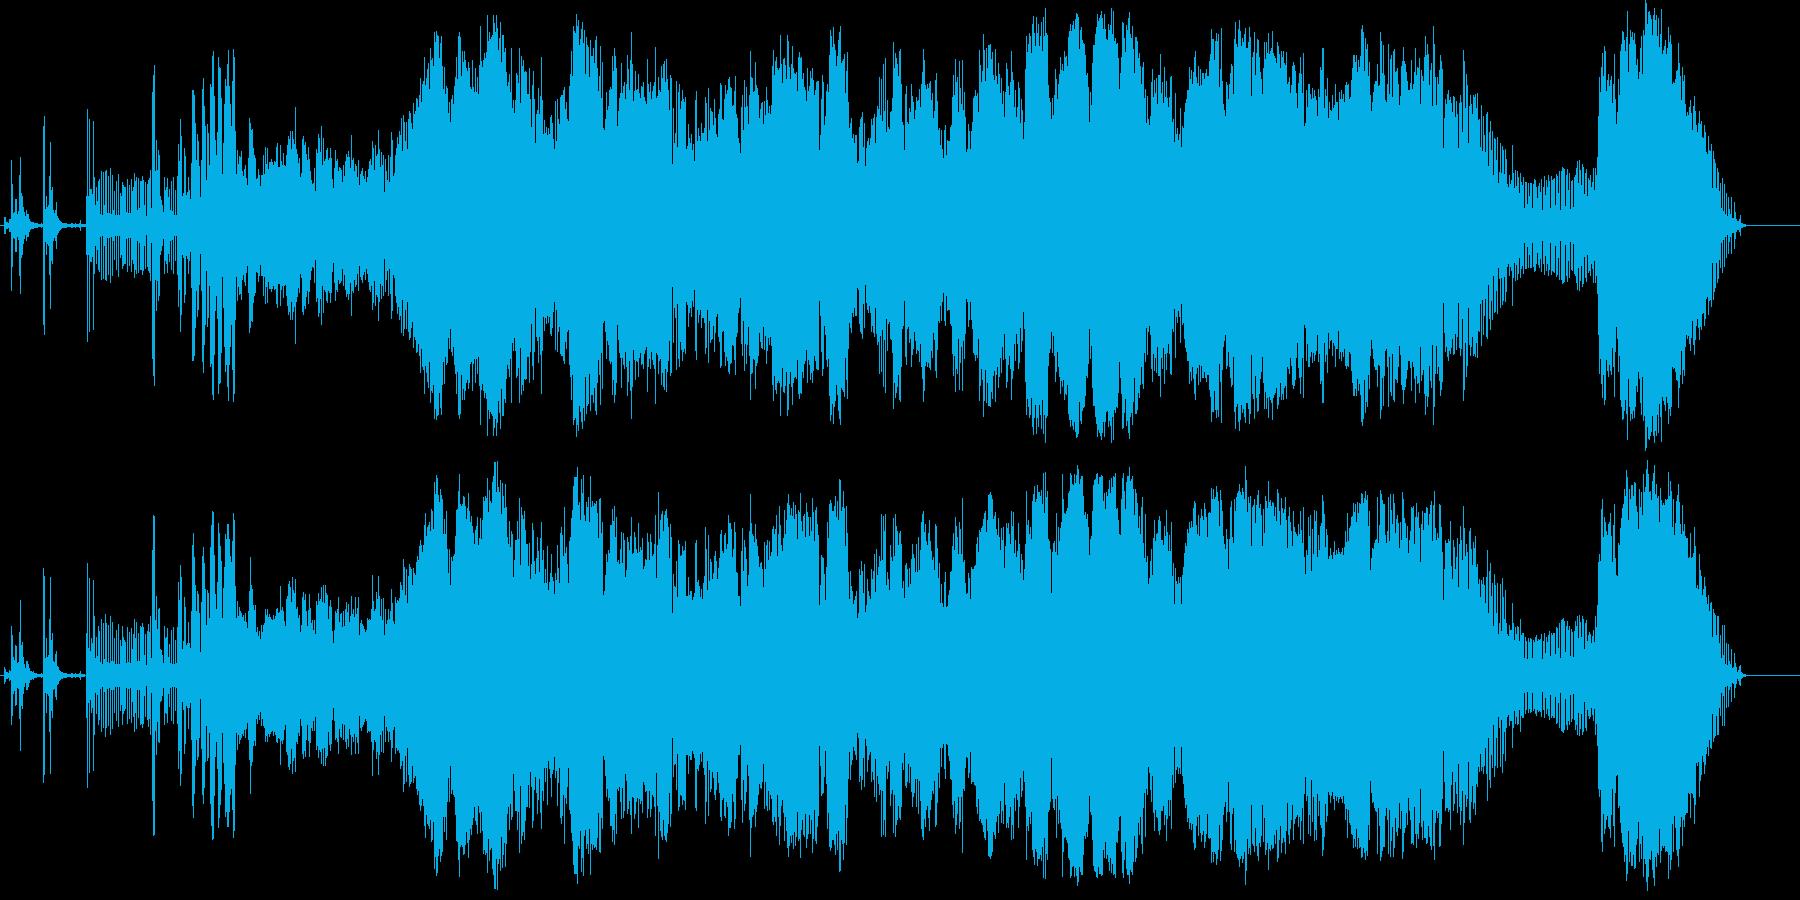 オートバイ;スタート/サークル;ホ...の再生済みの波形